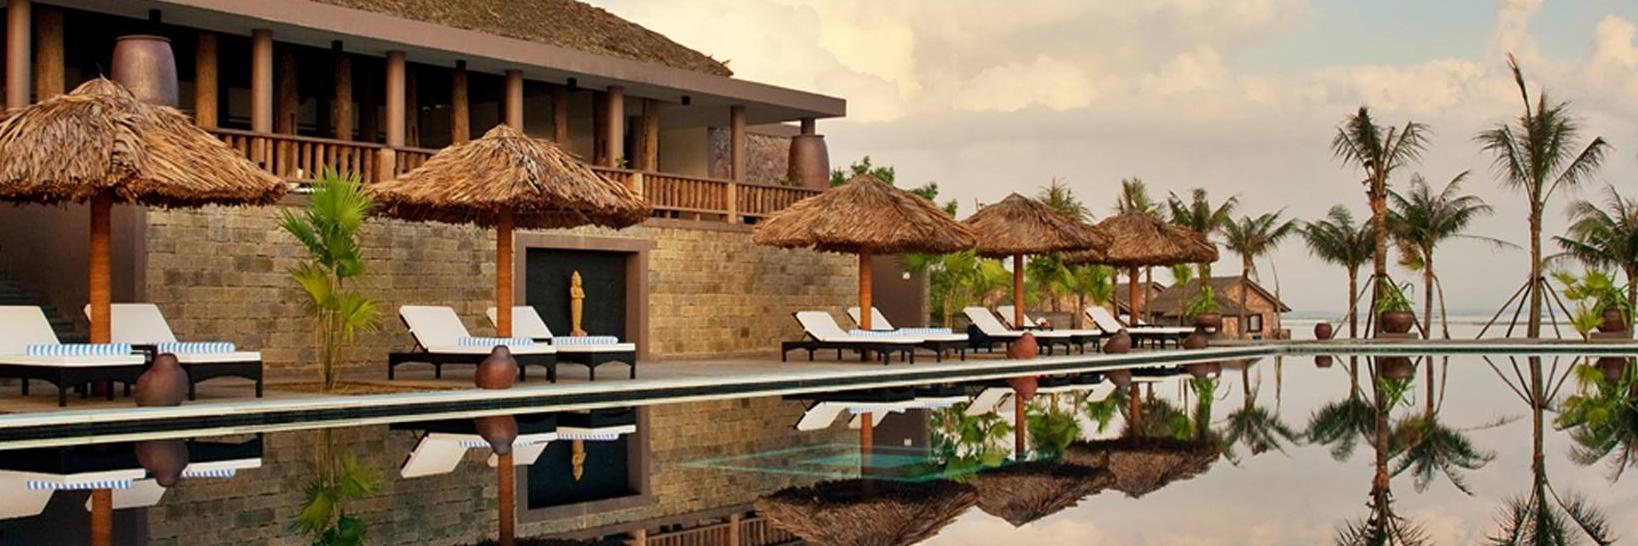 http://gody.vn/blog/nguyentoan01/post/phien-ban-maldives-dep-xuat-sac-tai-viet-nam-450